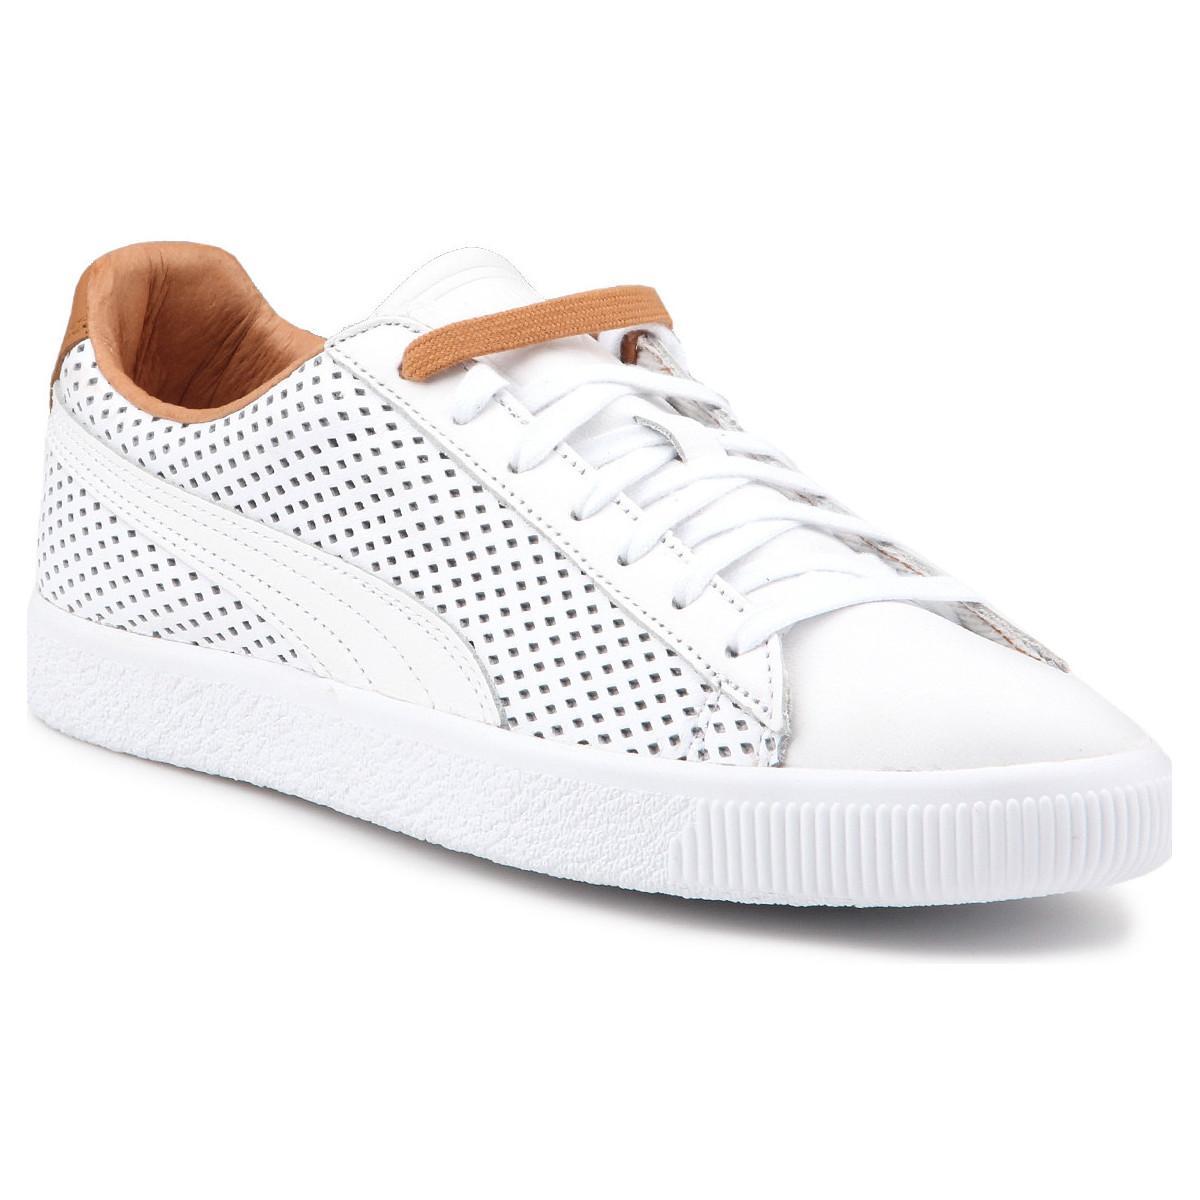 bd1305c1be PUMA Lifestyle Shoes Clyde Colorblock 2 363833 01 Men s Shoes ...